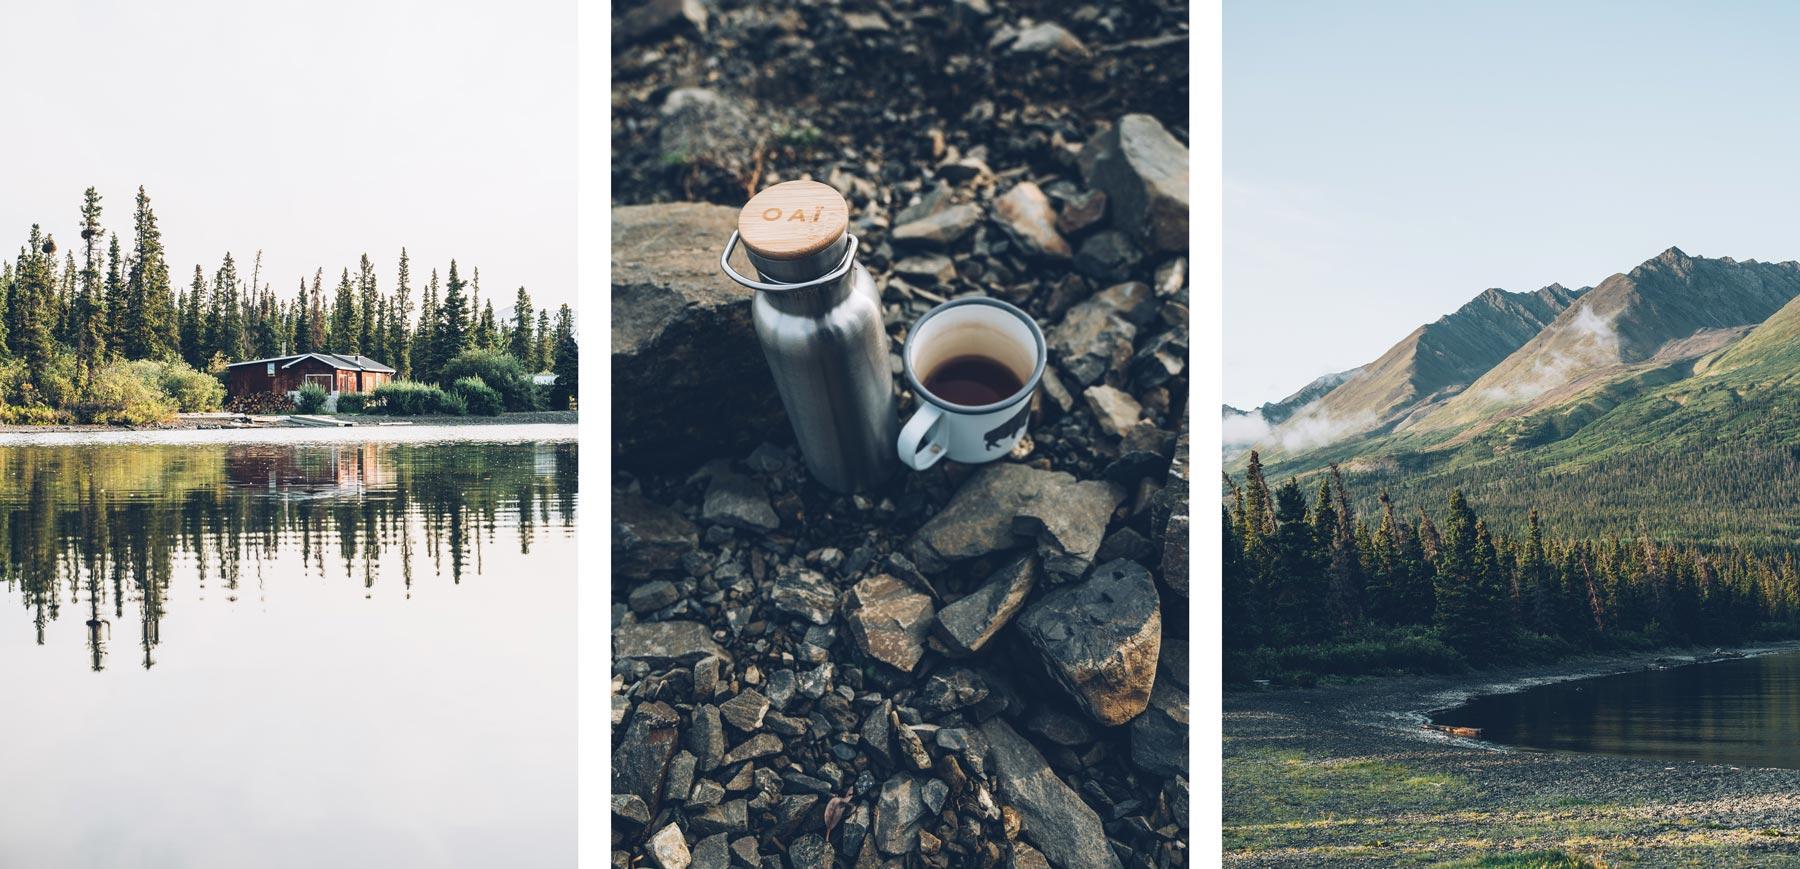 Kluane National Park, Canada